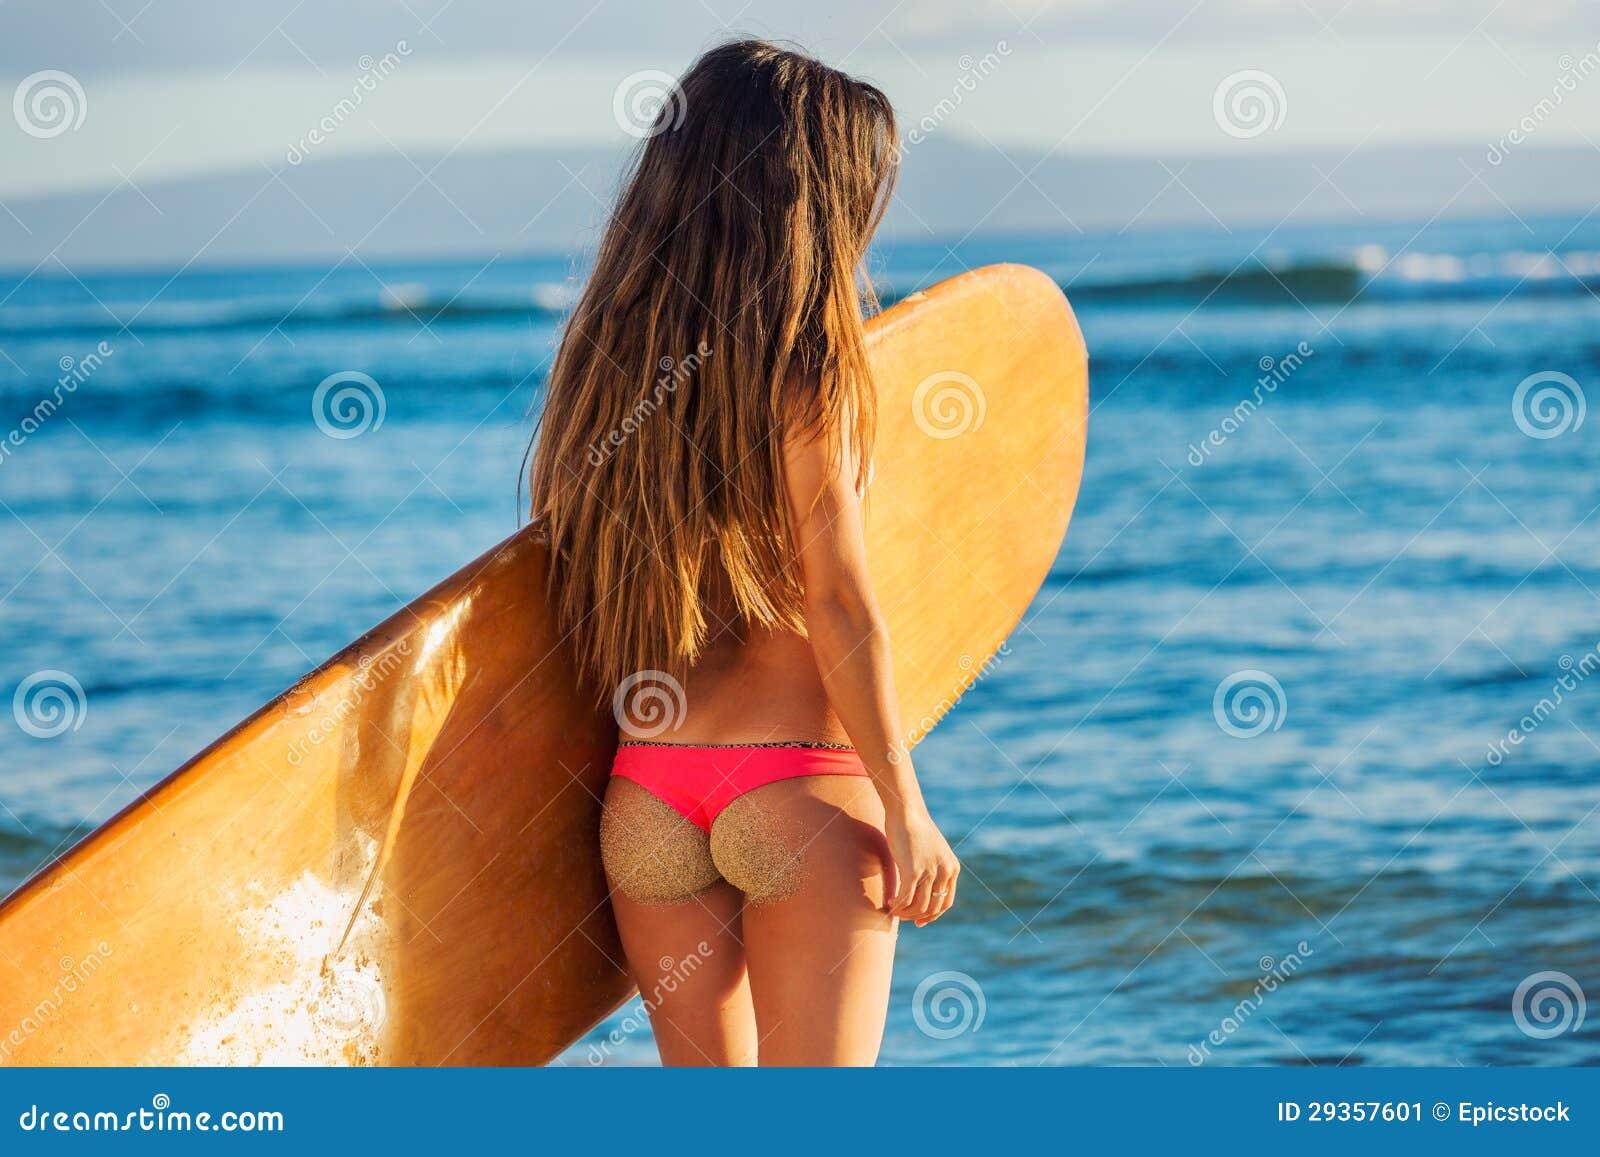 c9525691cb6d Muchacha Hermosa De La Persona Que Practica Surf En Bikini Atractivo ...